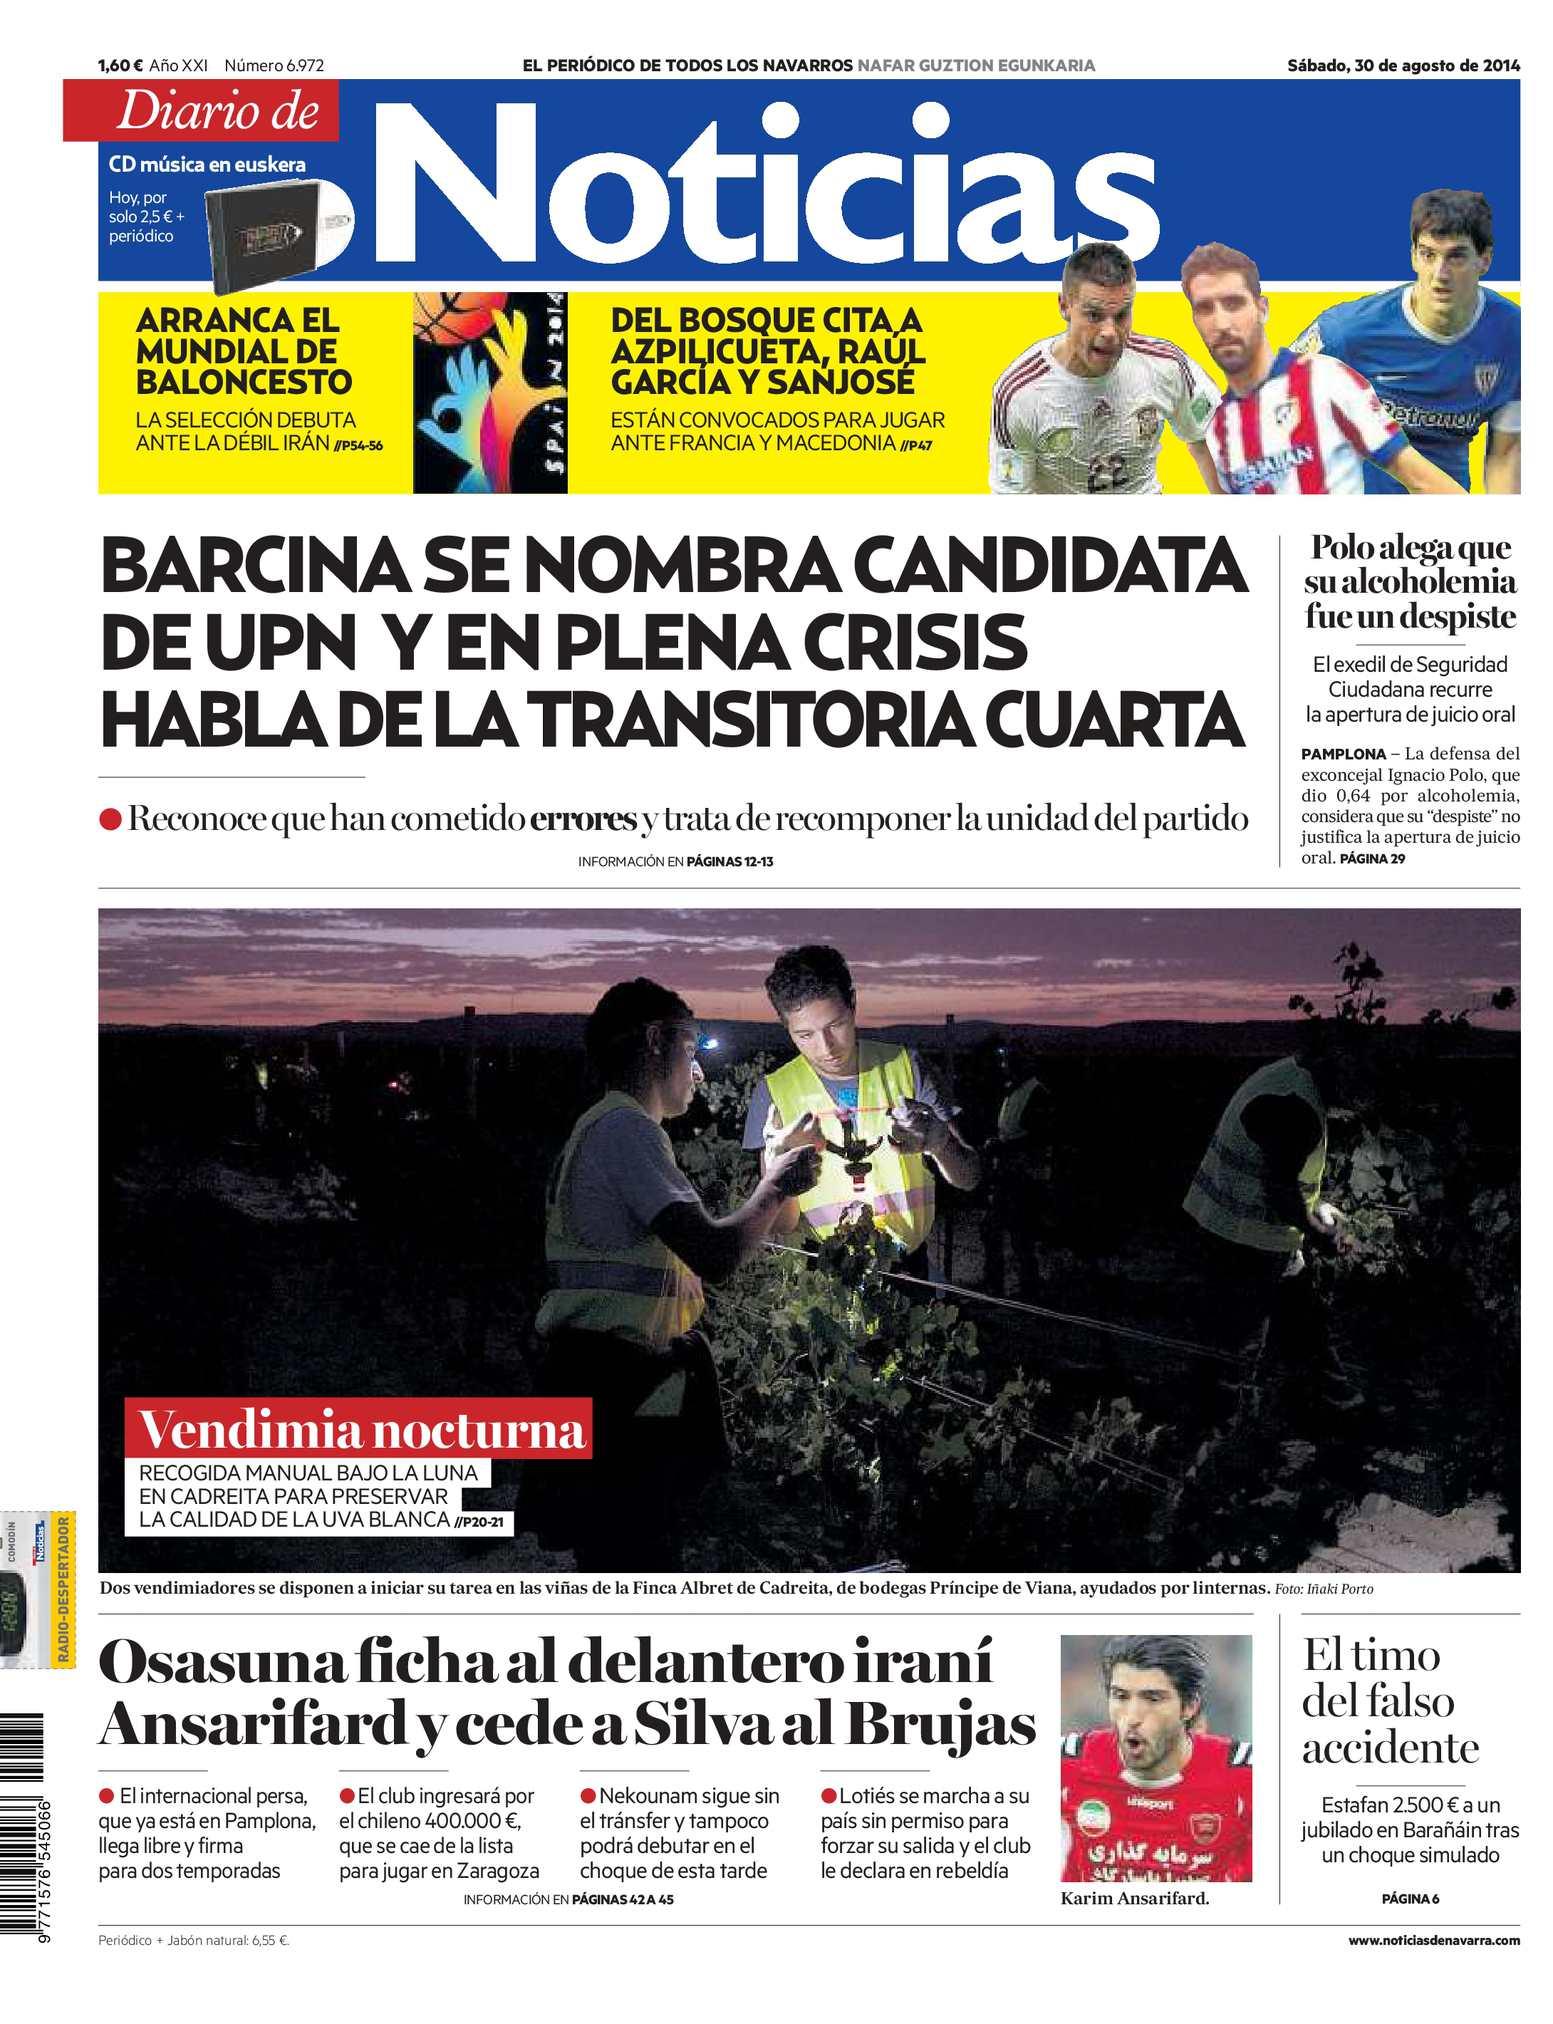 Caperucita Roja La Abuelita Y El Lobo Pelicula Porno calaméo - diario de noticias 20140830